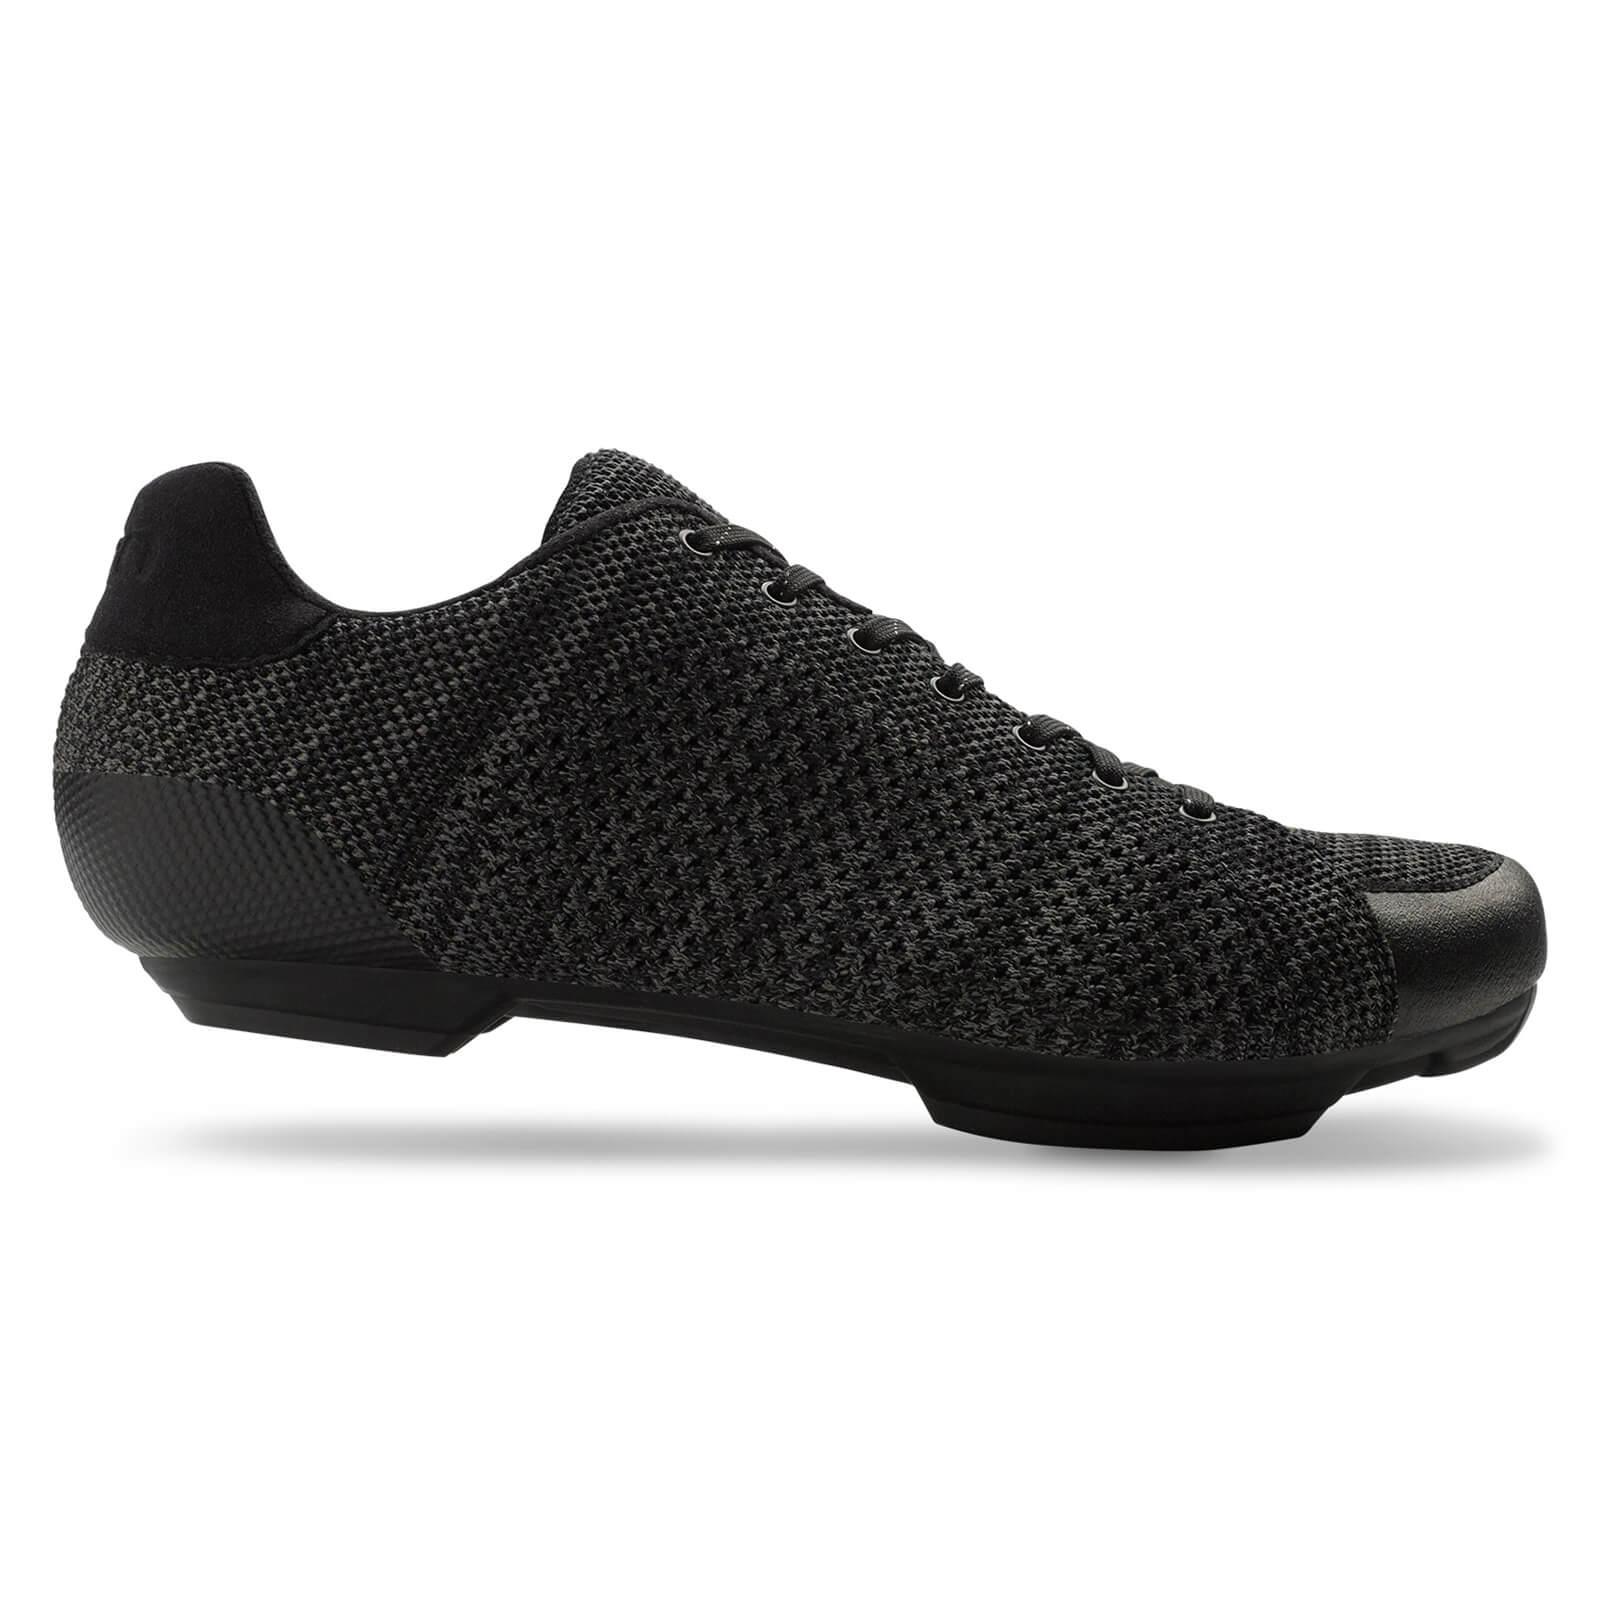 Giro Republic R Road Cycling Shoes - Black/Charcoal Leather - EU 46/UK 11 - Schwarz